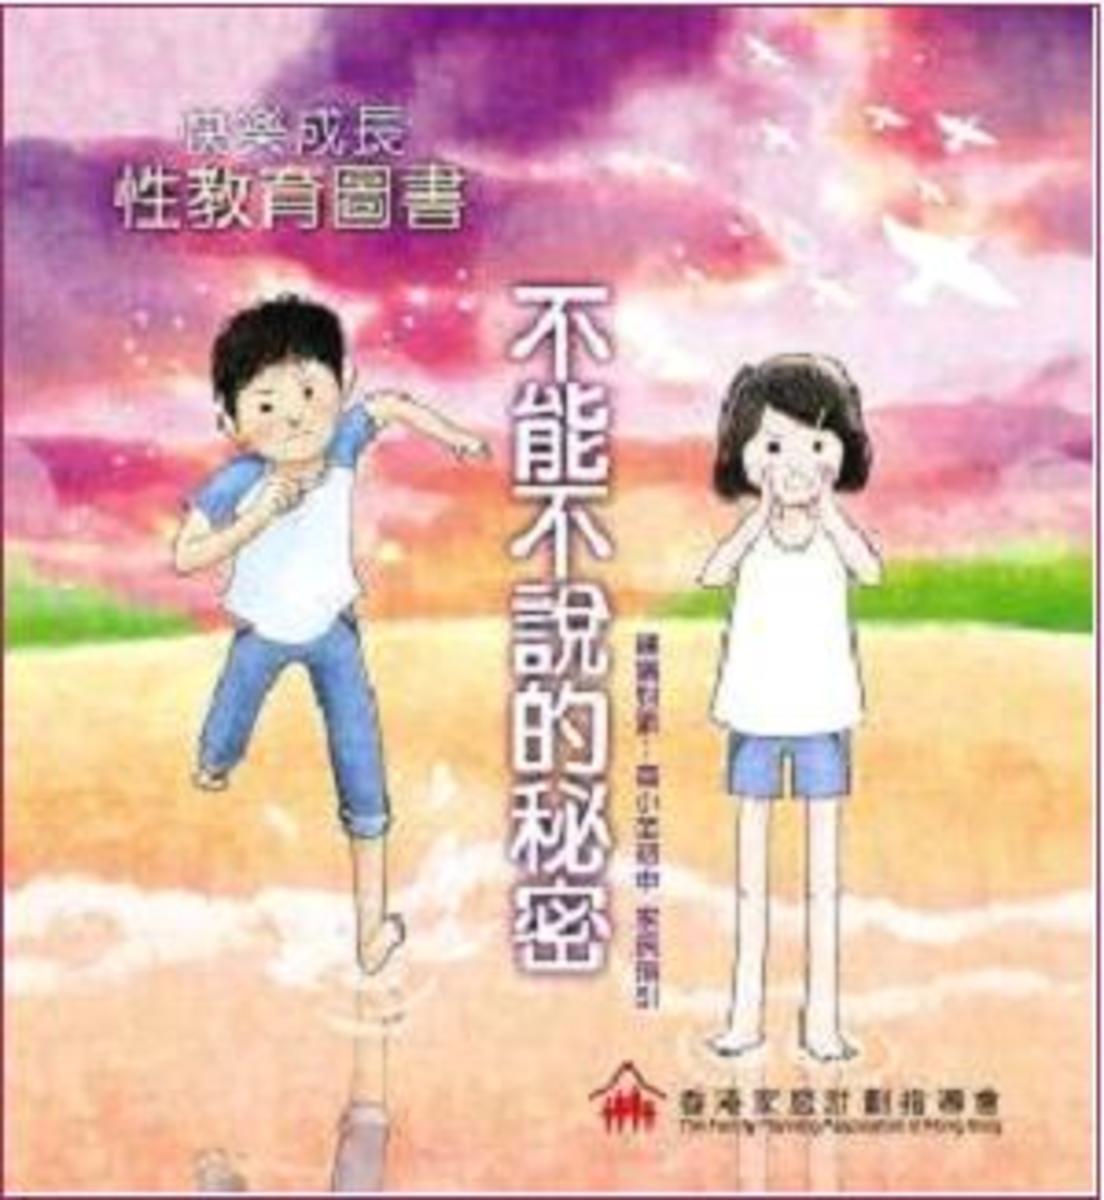 快樂成長‧性教育圖書:不能不說的秘密 | 香港家庭計劃指導會